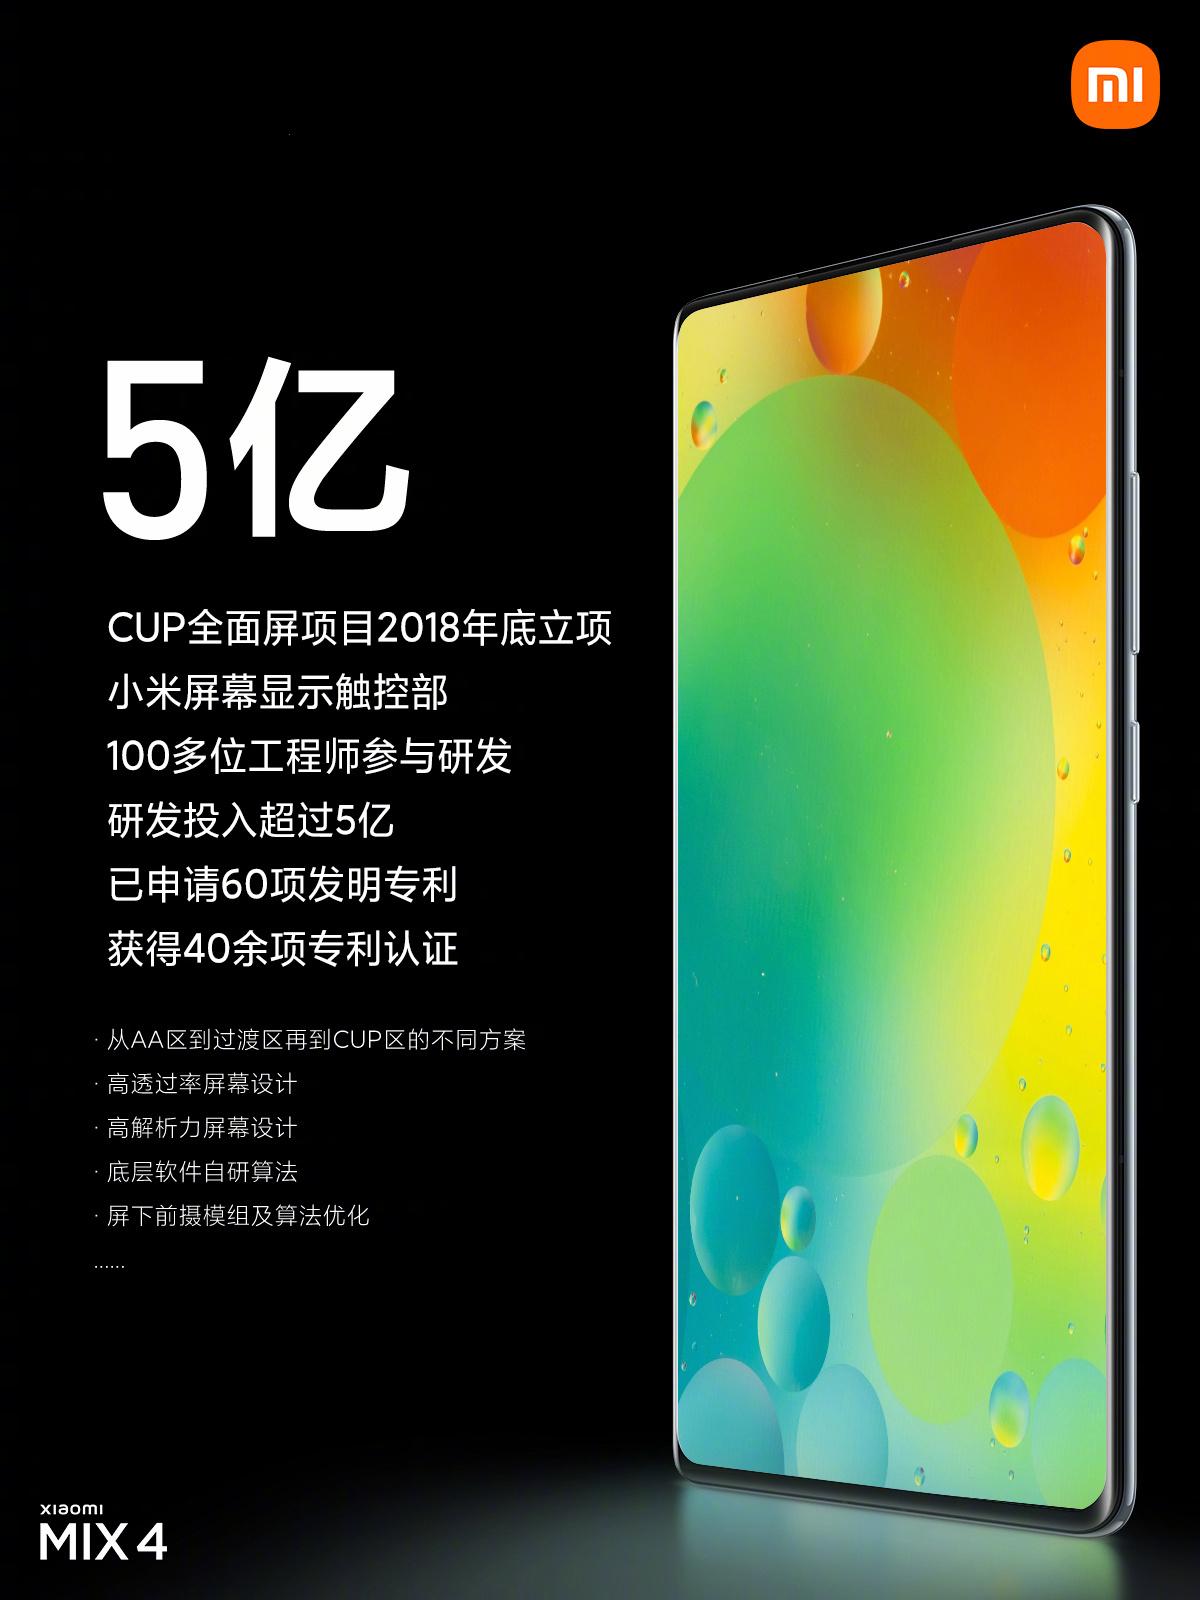 Xiaomi Mix 4 Display